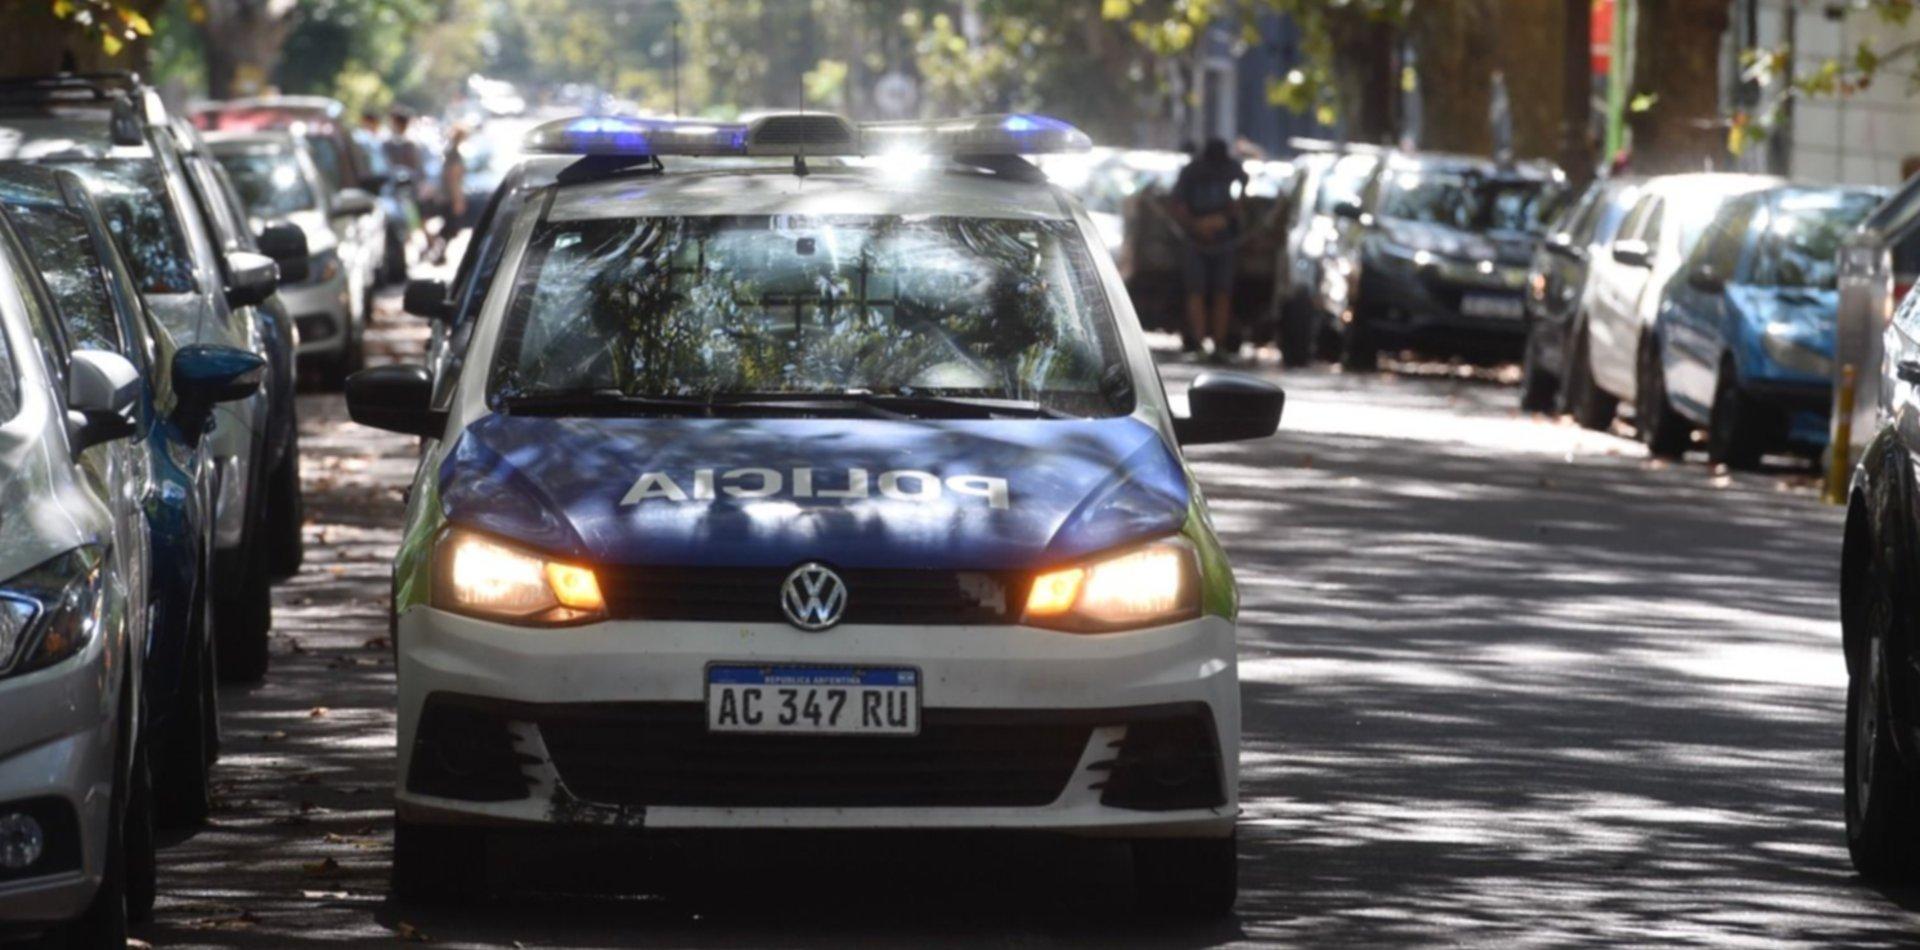 Detuvieron a un hombre acusado de asesinar a una chica de 18 años en La Plata